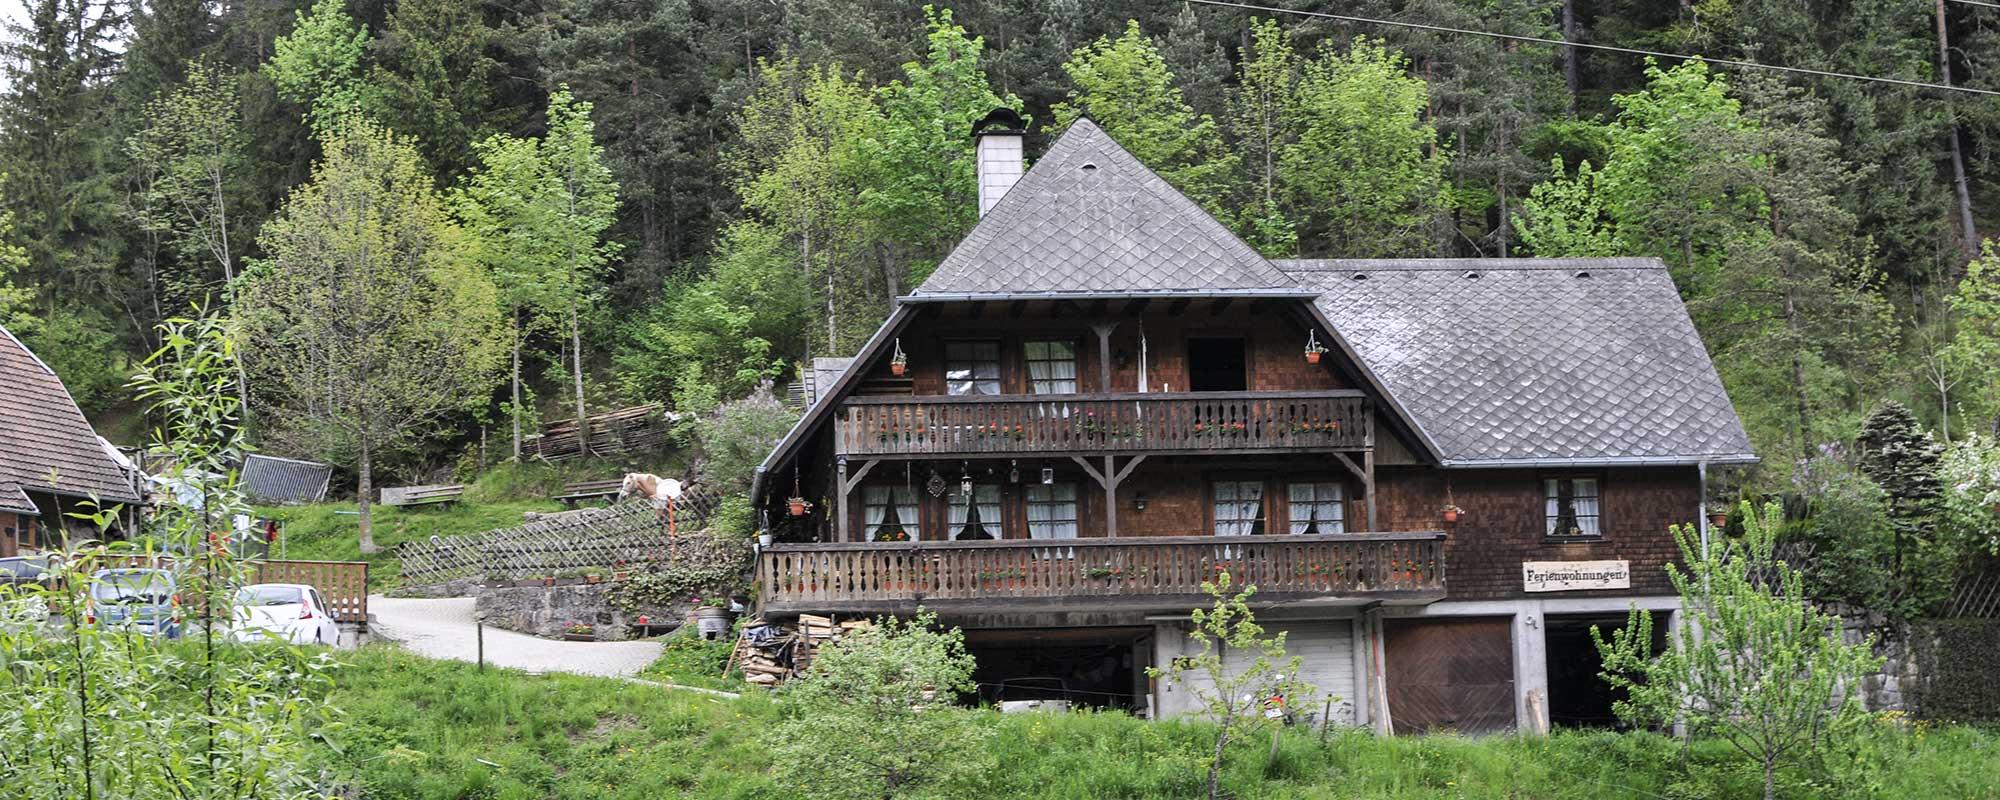 Ferienwohnungen Hilserhof